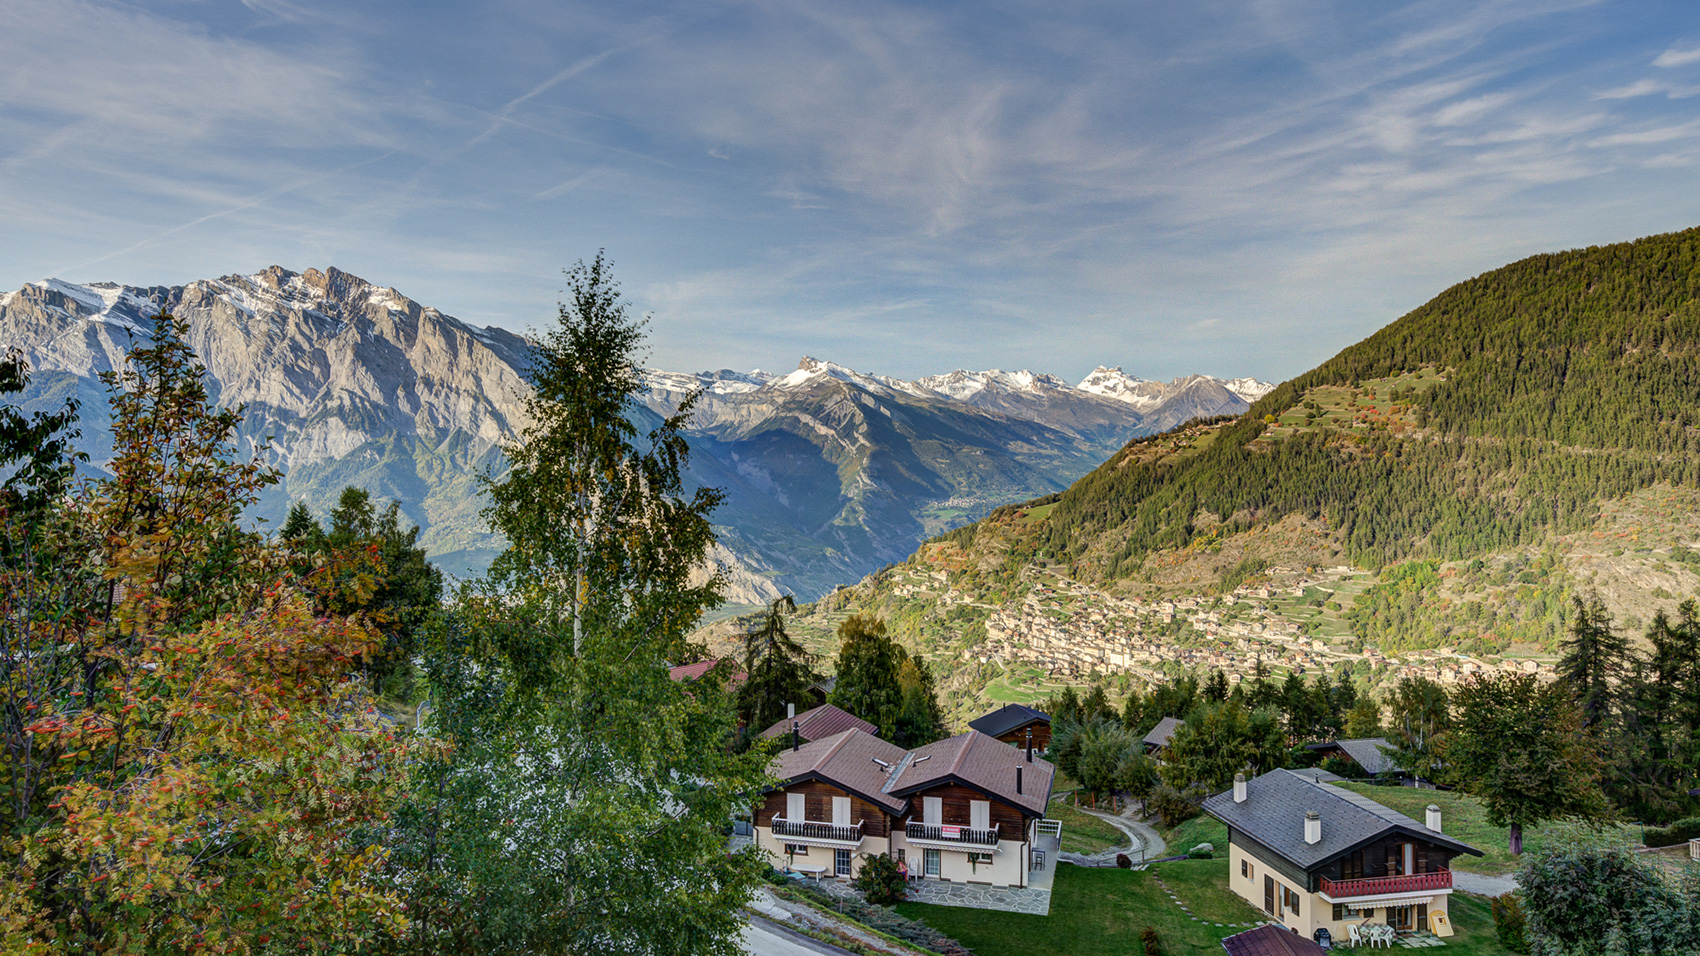 Chalet Fou Chalet, Switzerland